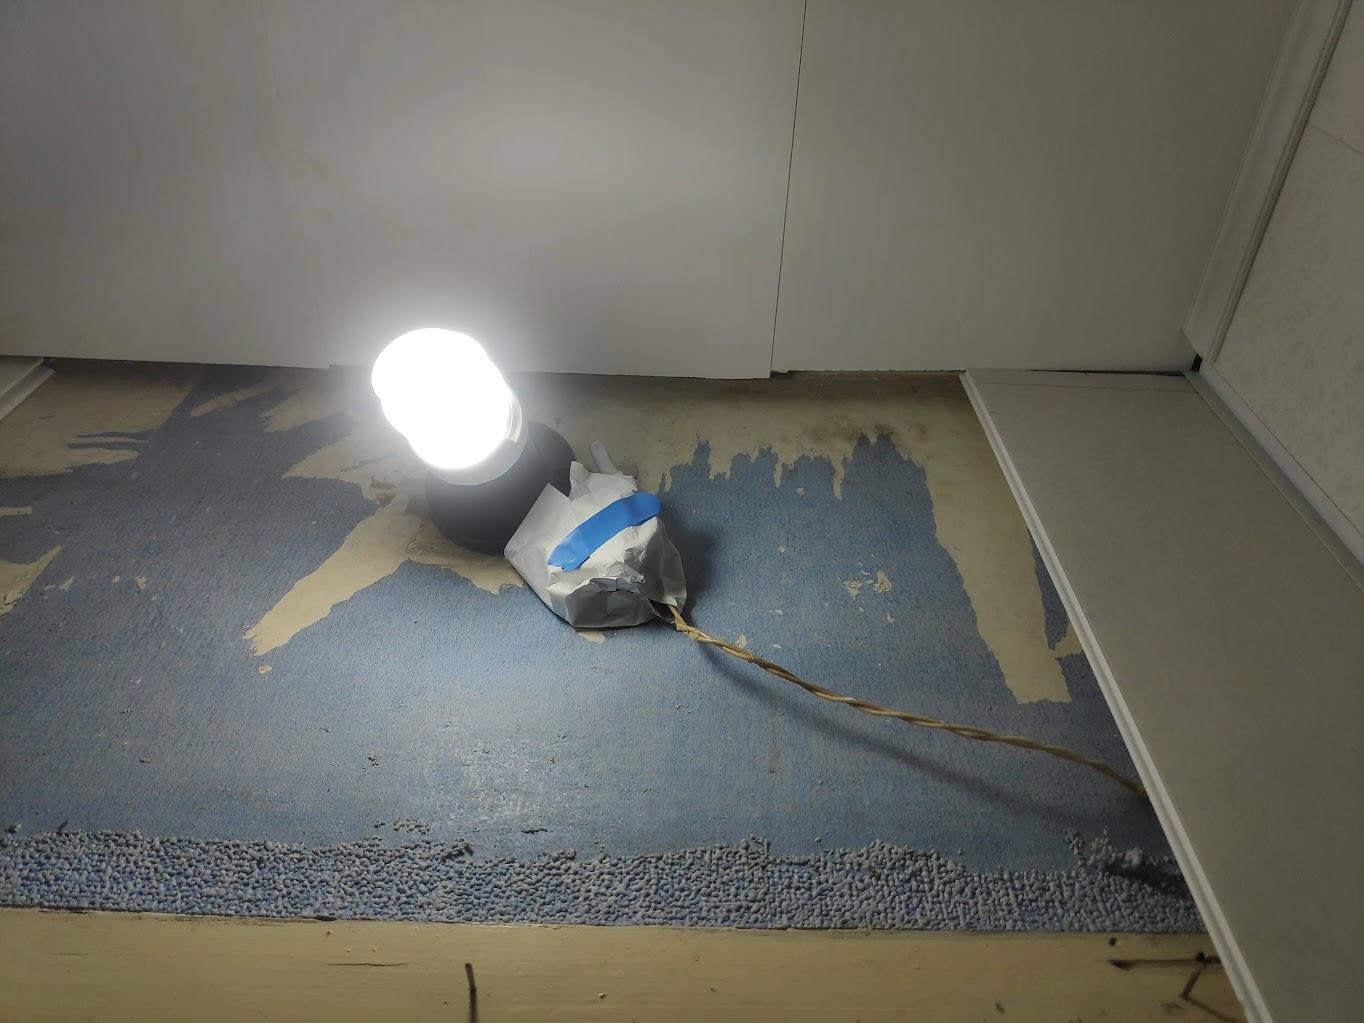 Обмотанное изолентой - датчик движения в туалете